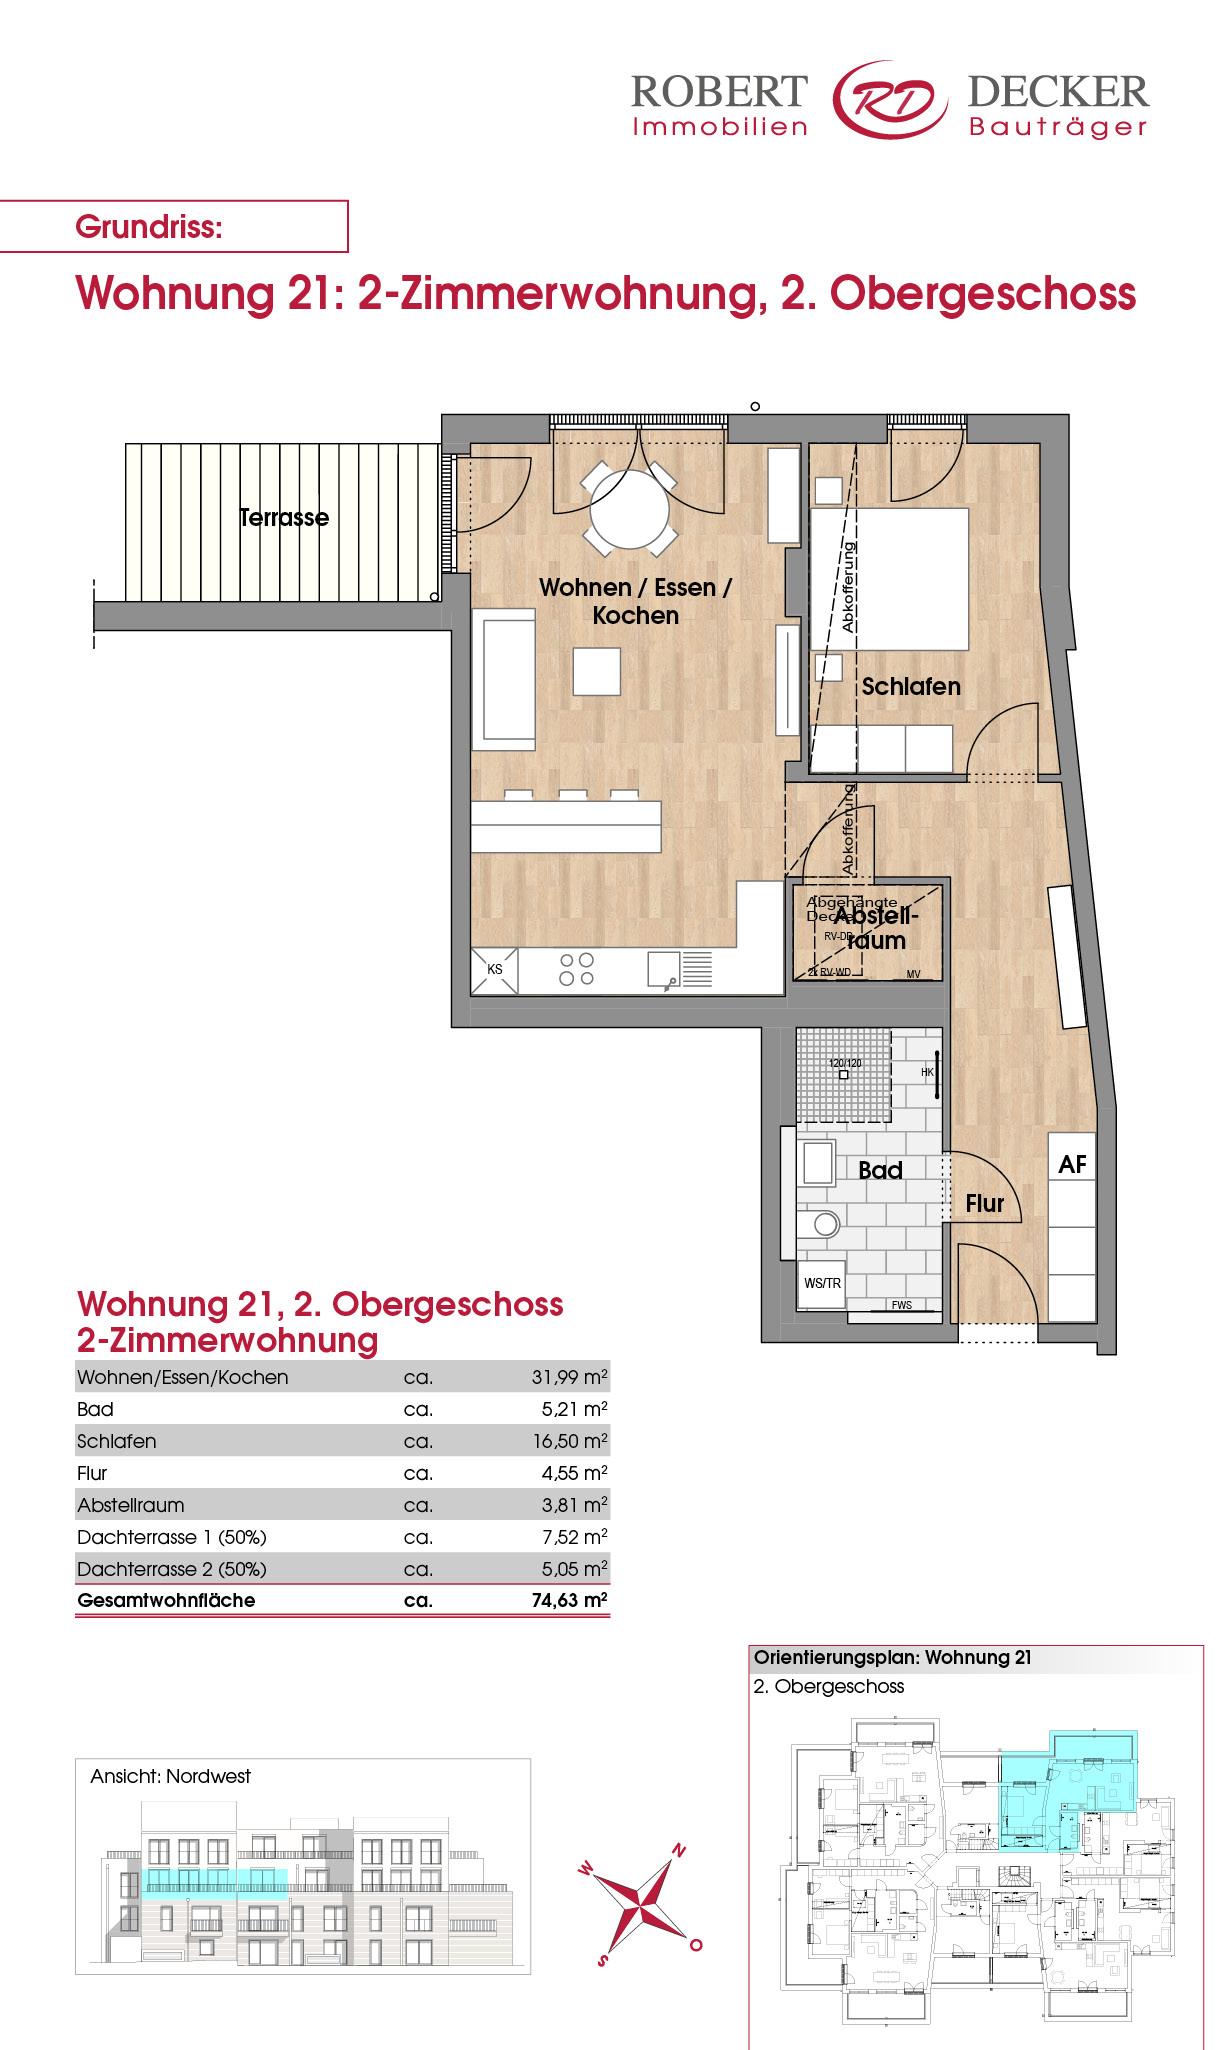 2-Zimmerwohnung, 2. Obergeschoss, Whg. 21